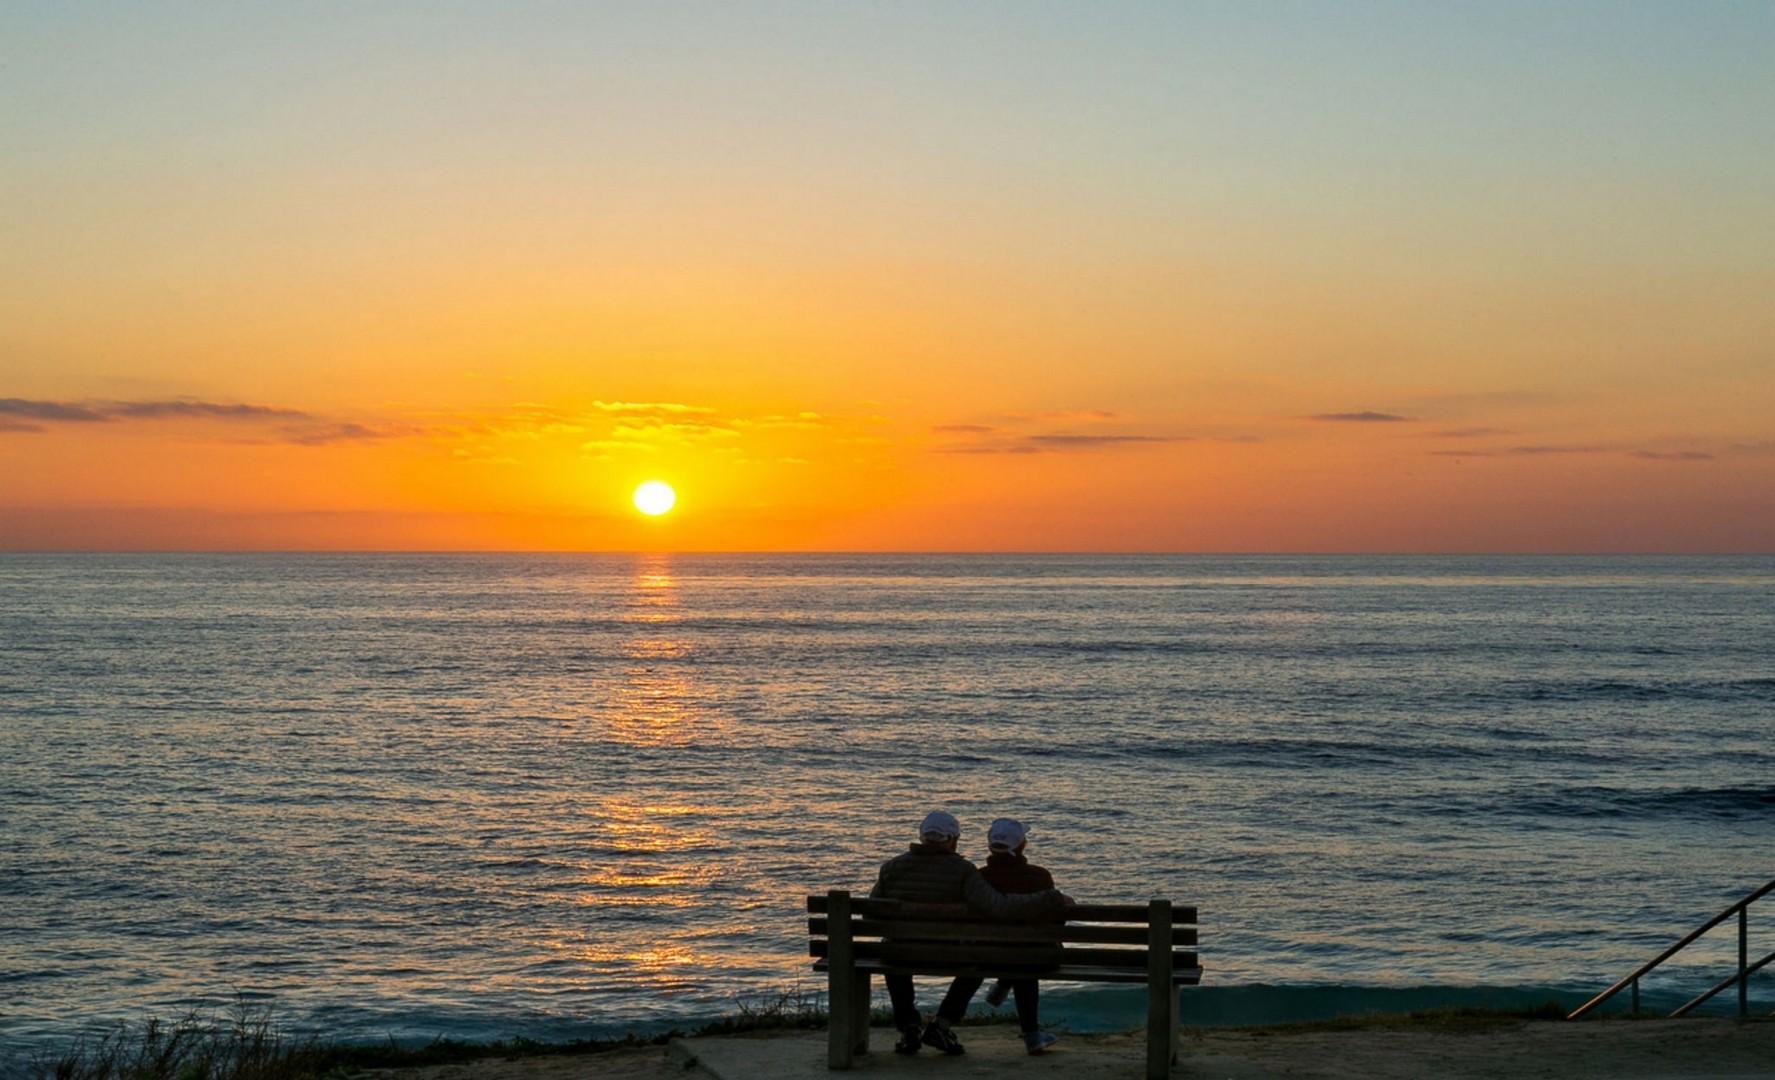 Amazing sunsets nightly